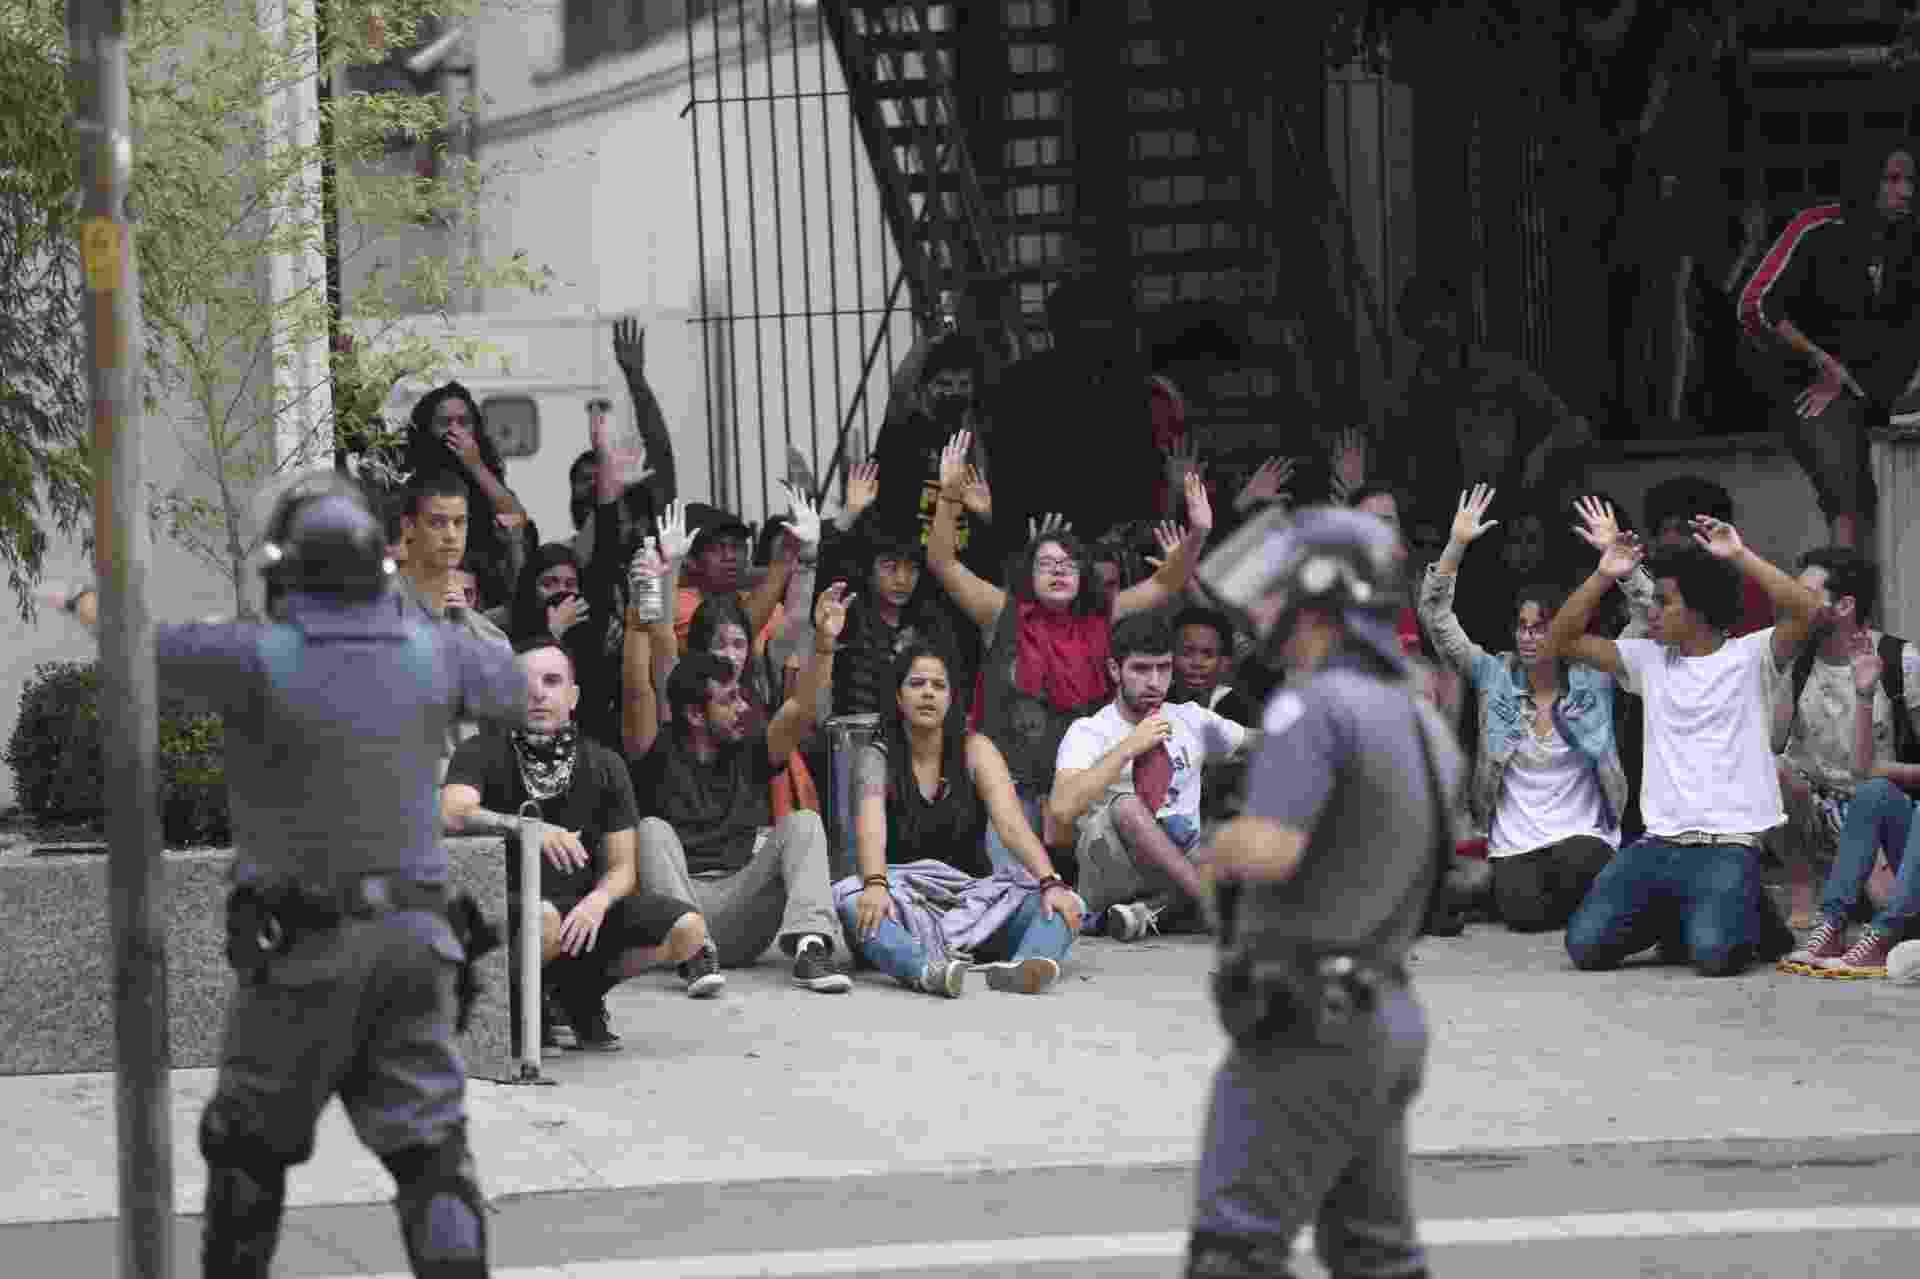 12.jan.2016 - Manifestantes levantam os braços sinal de paz enquanto policiais apontam armas em São Paulo. Protesto contra aumento das tarifas era pacífico quando bombas foram atiradas por policiais - Zanone Fraissat/FolhaPress